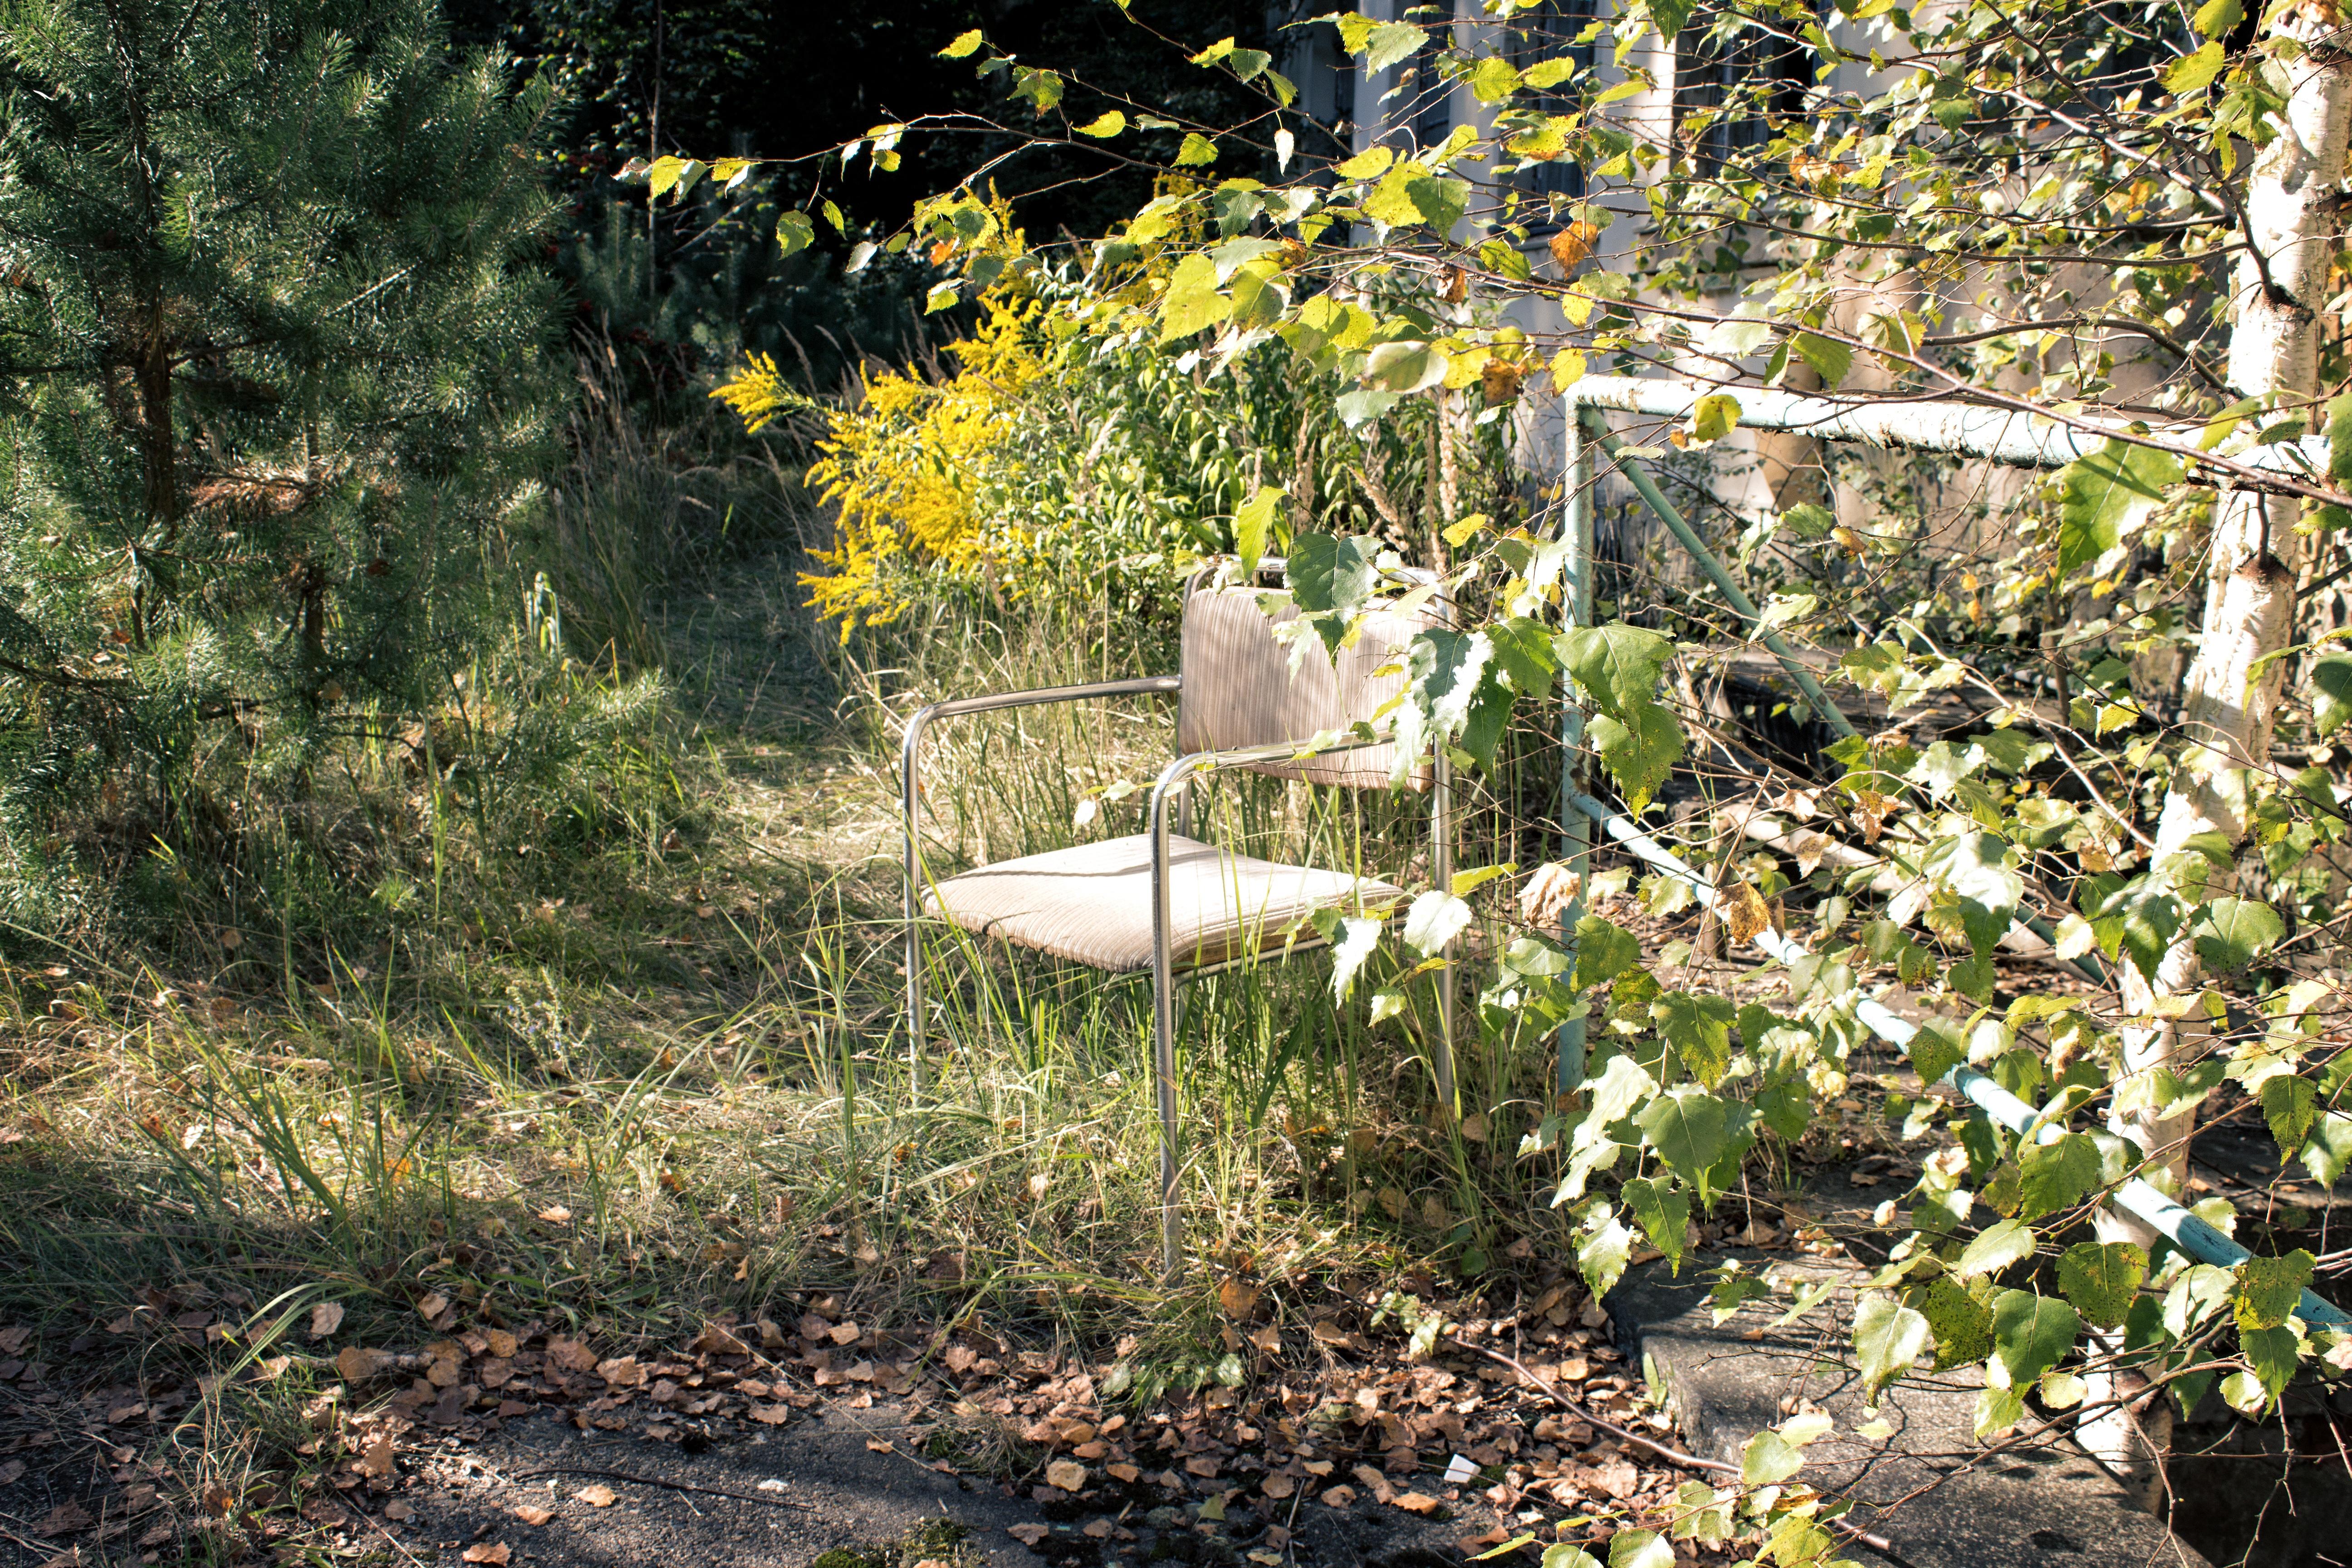 Kostenlose Foto Baum Blatt Blume Herbst Hinterhof Botanik